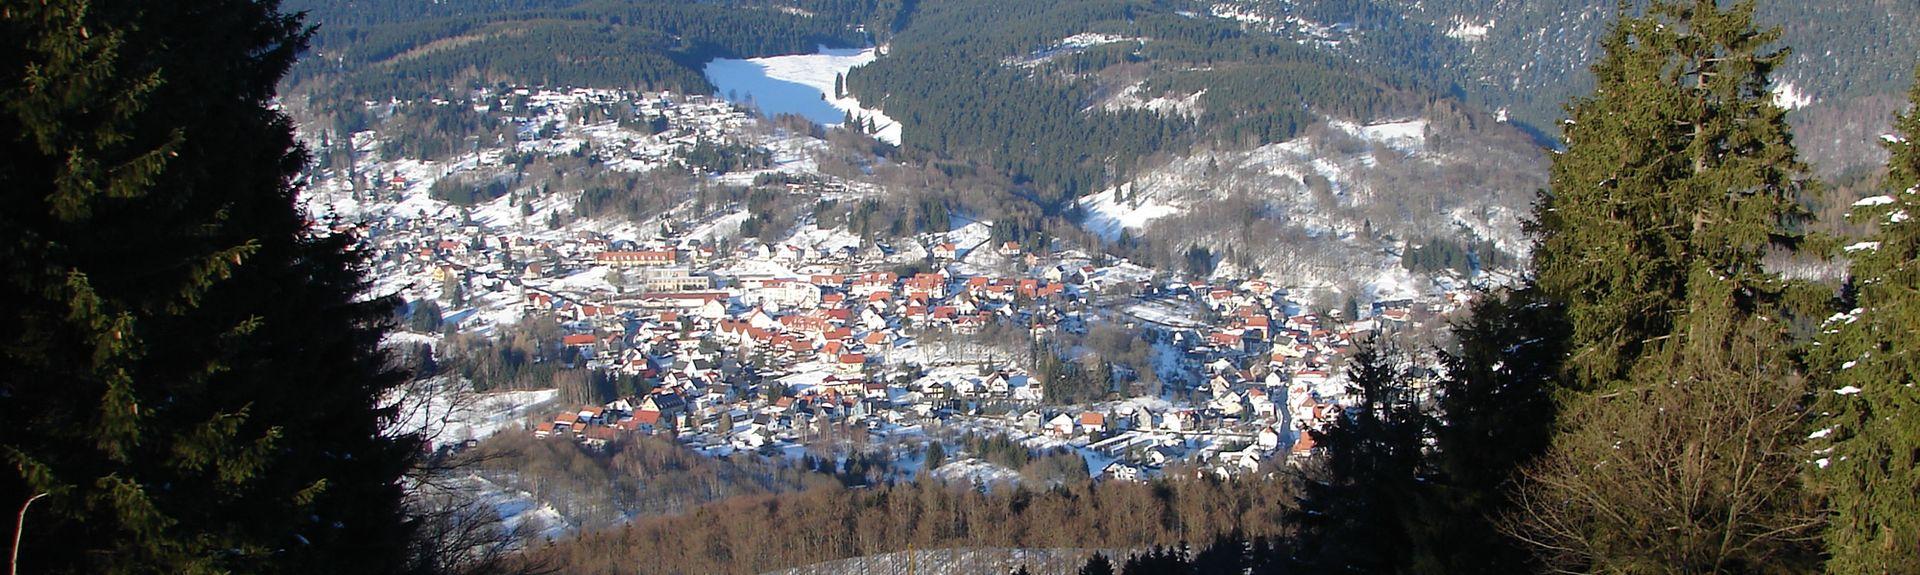 Schleusegrund, Thüringen, Deutschland